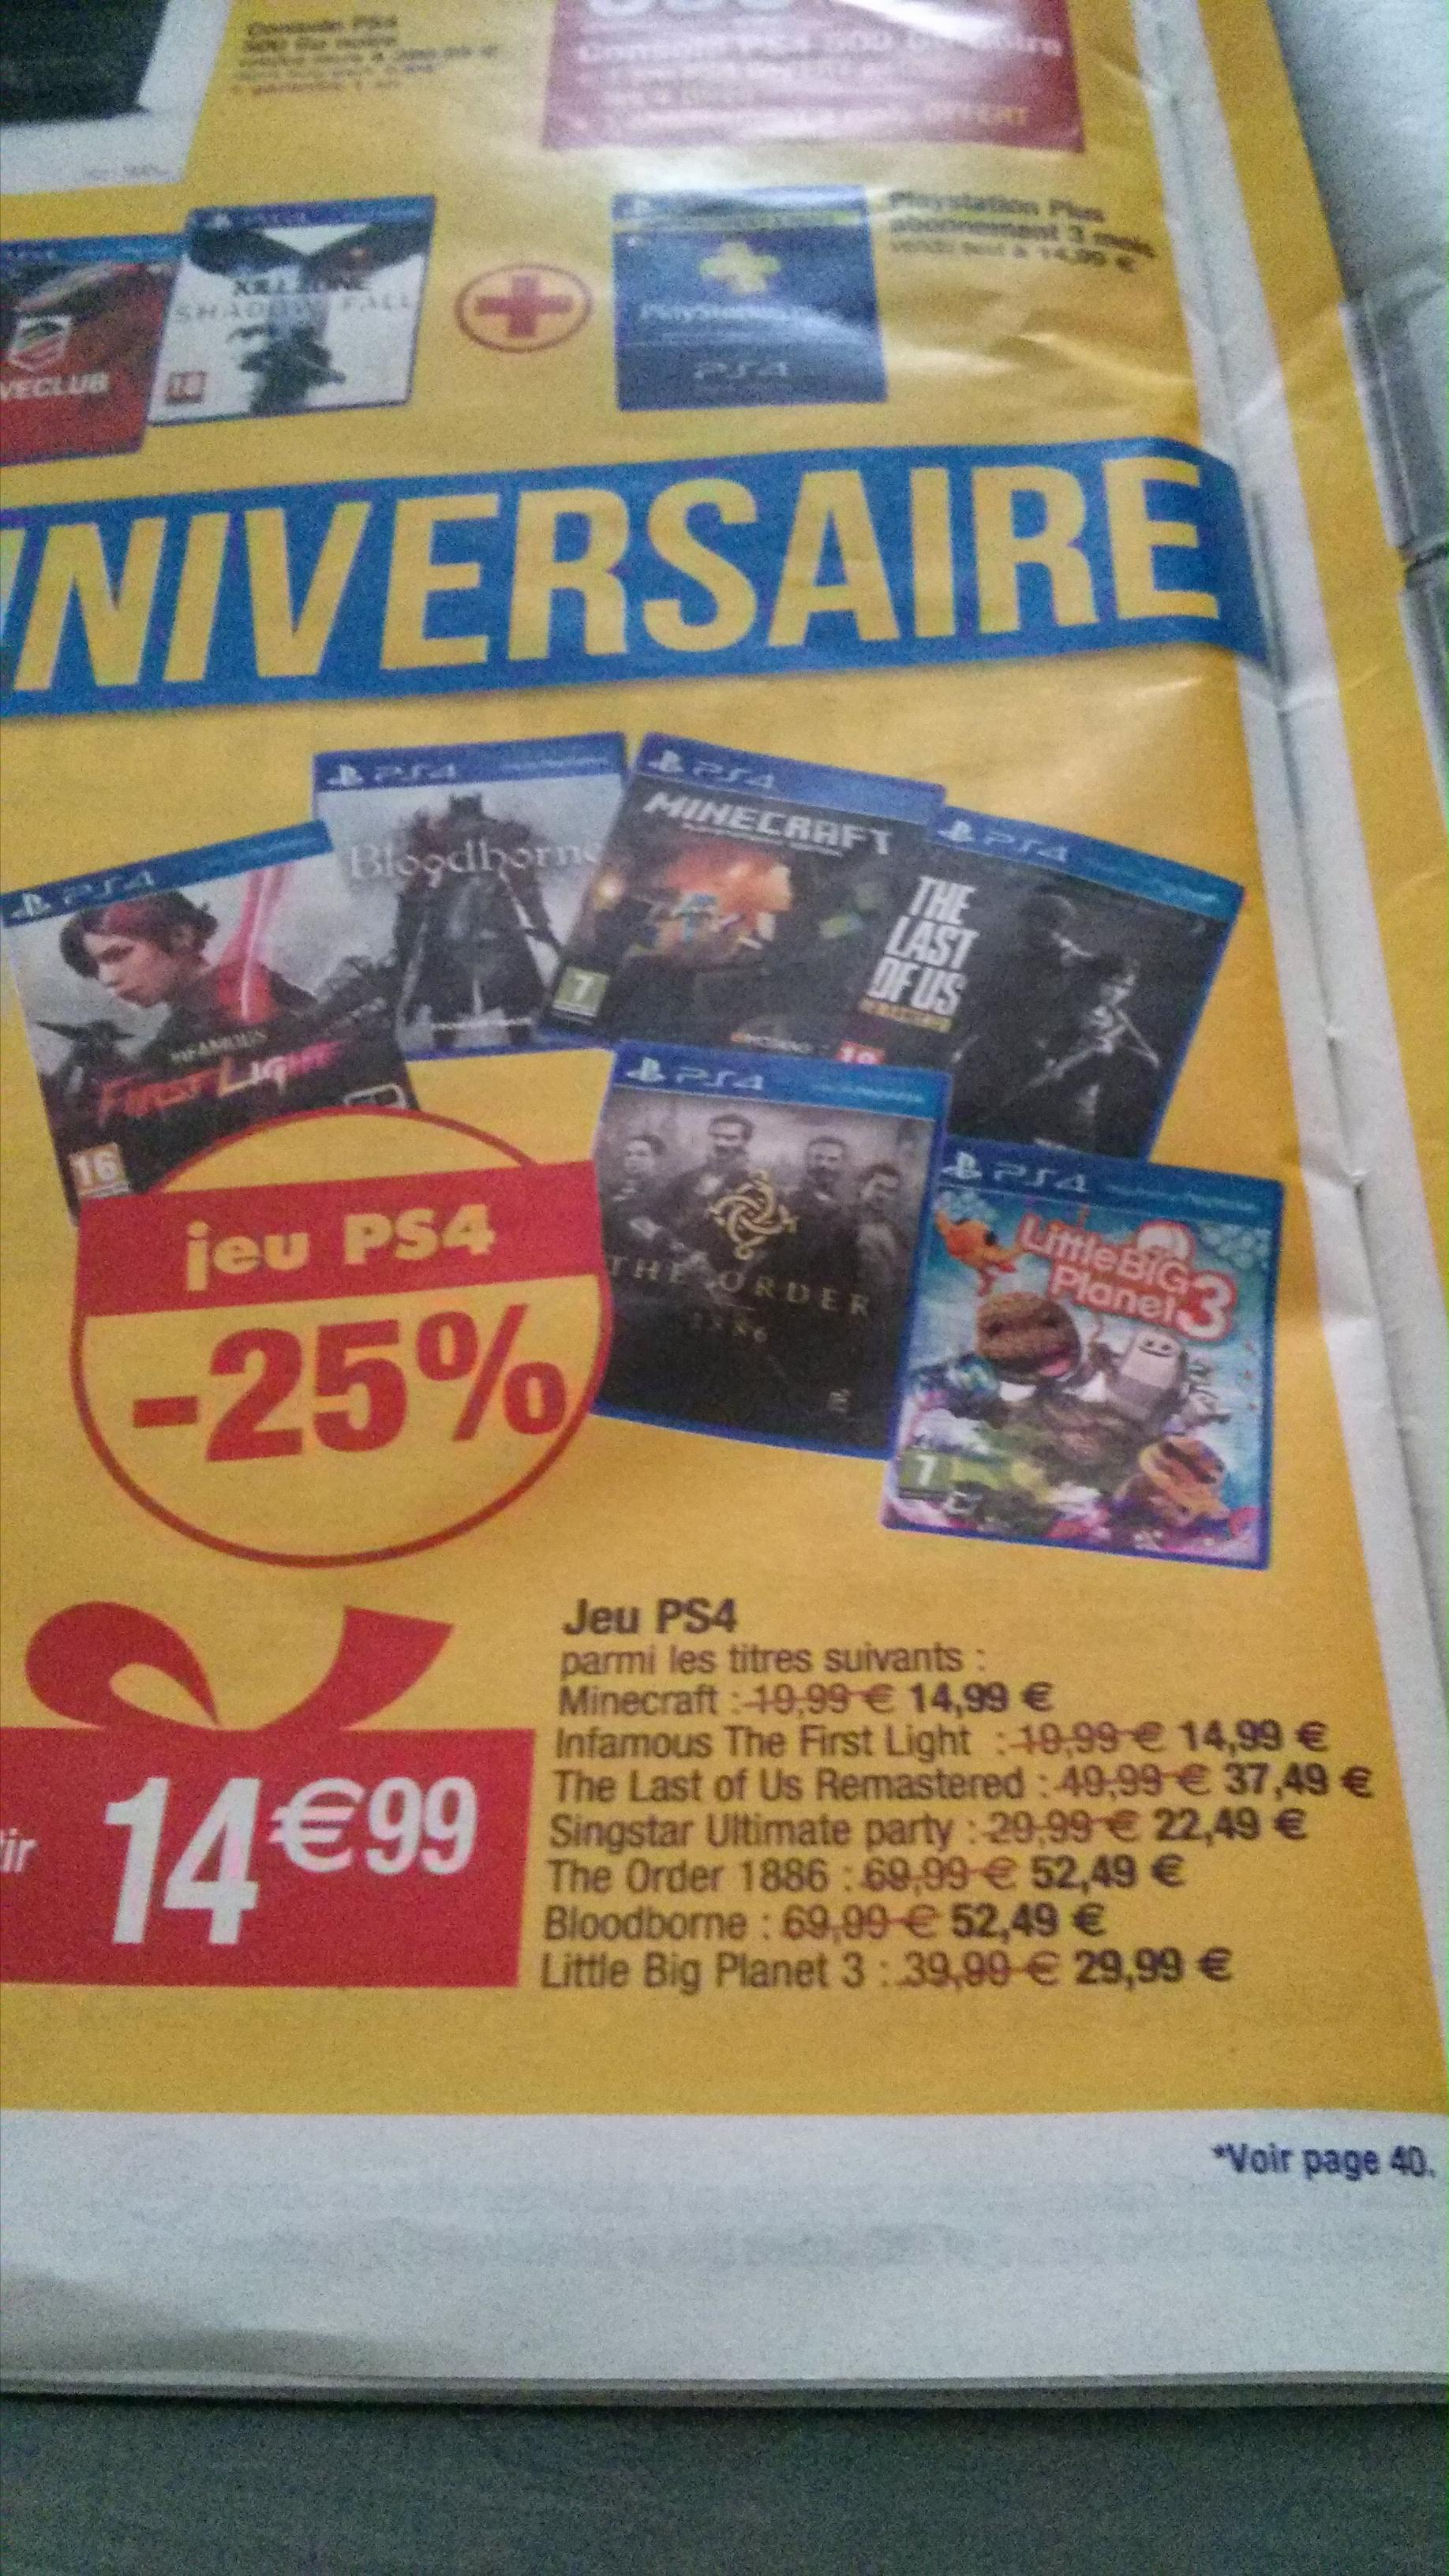 -25% sur une sélection de jeux PS4 - Ex : Bloodborne ou The Order